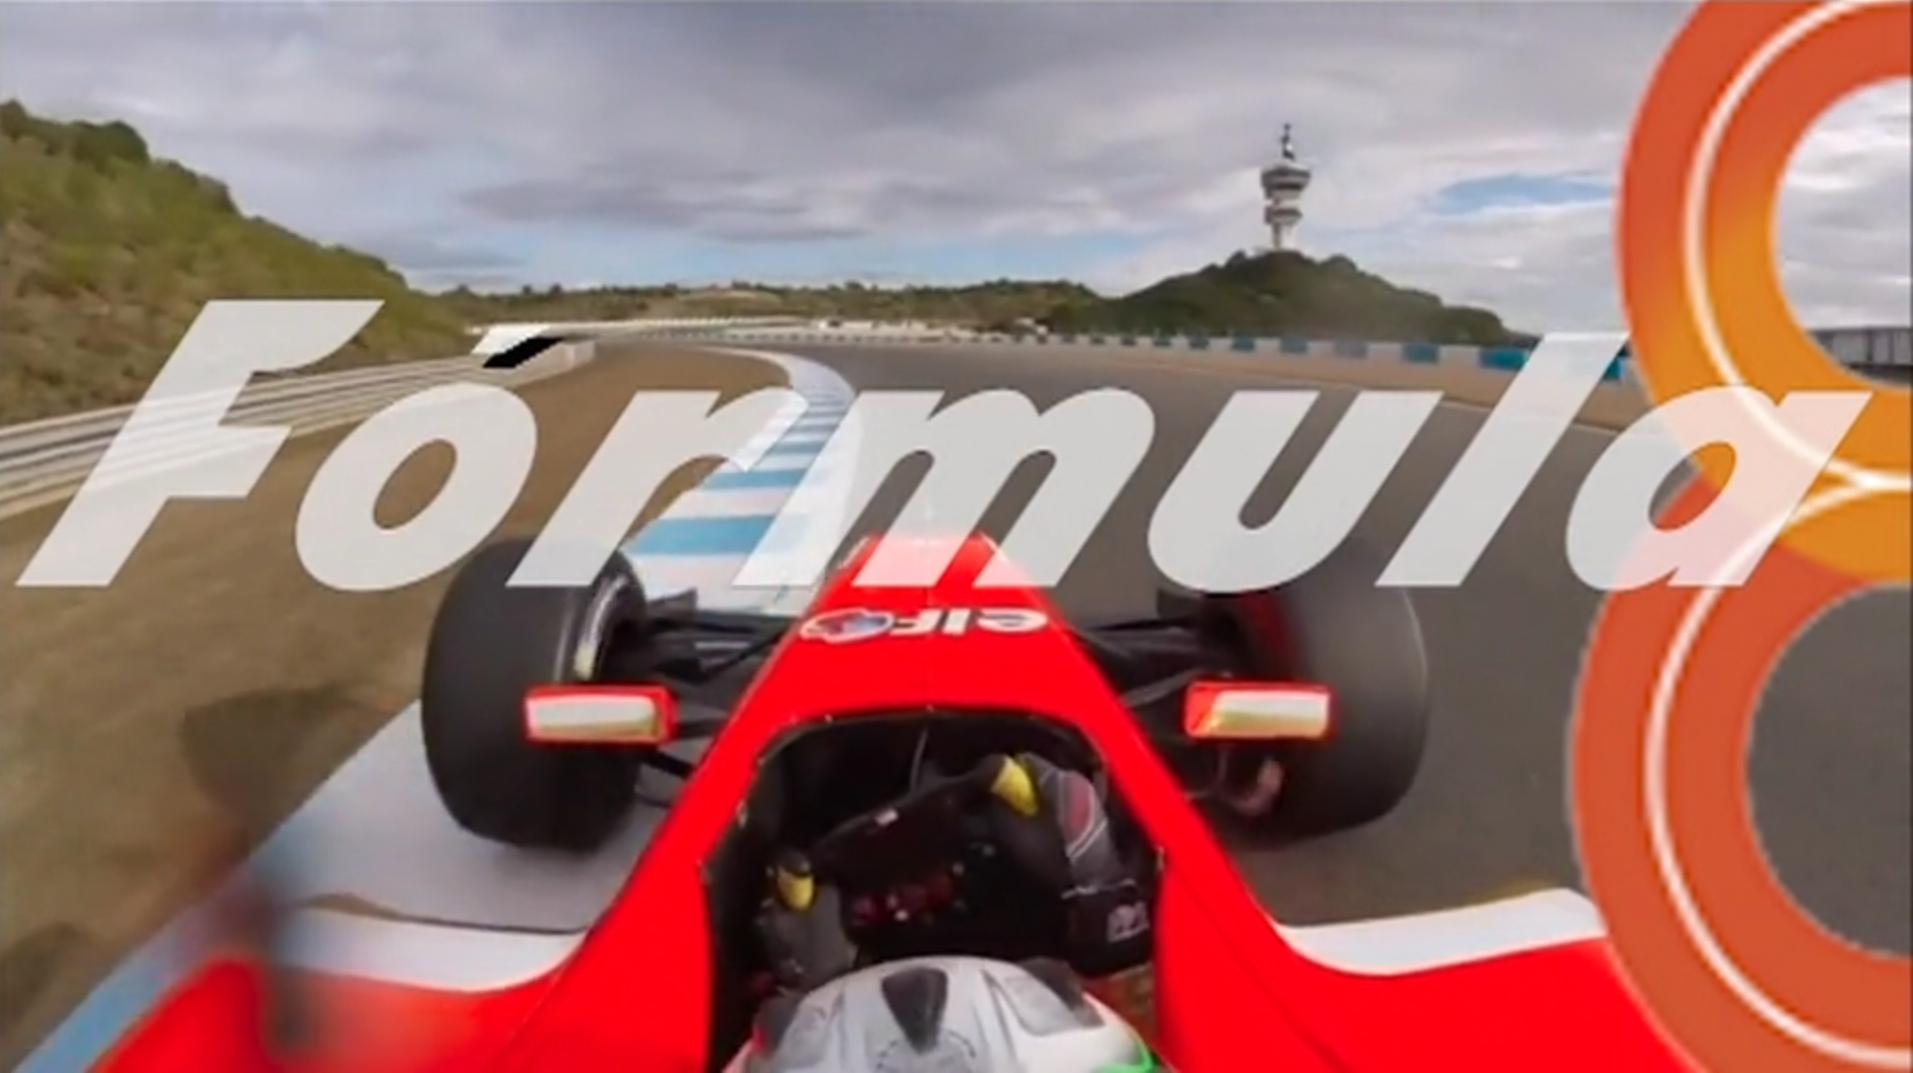 Fórmula 8 Jueves 5 Marzo 2020 (primera parte)